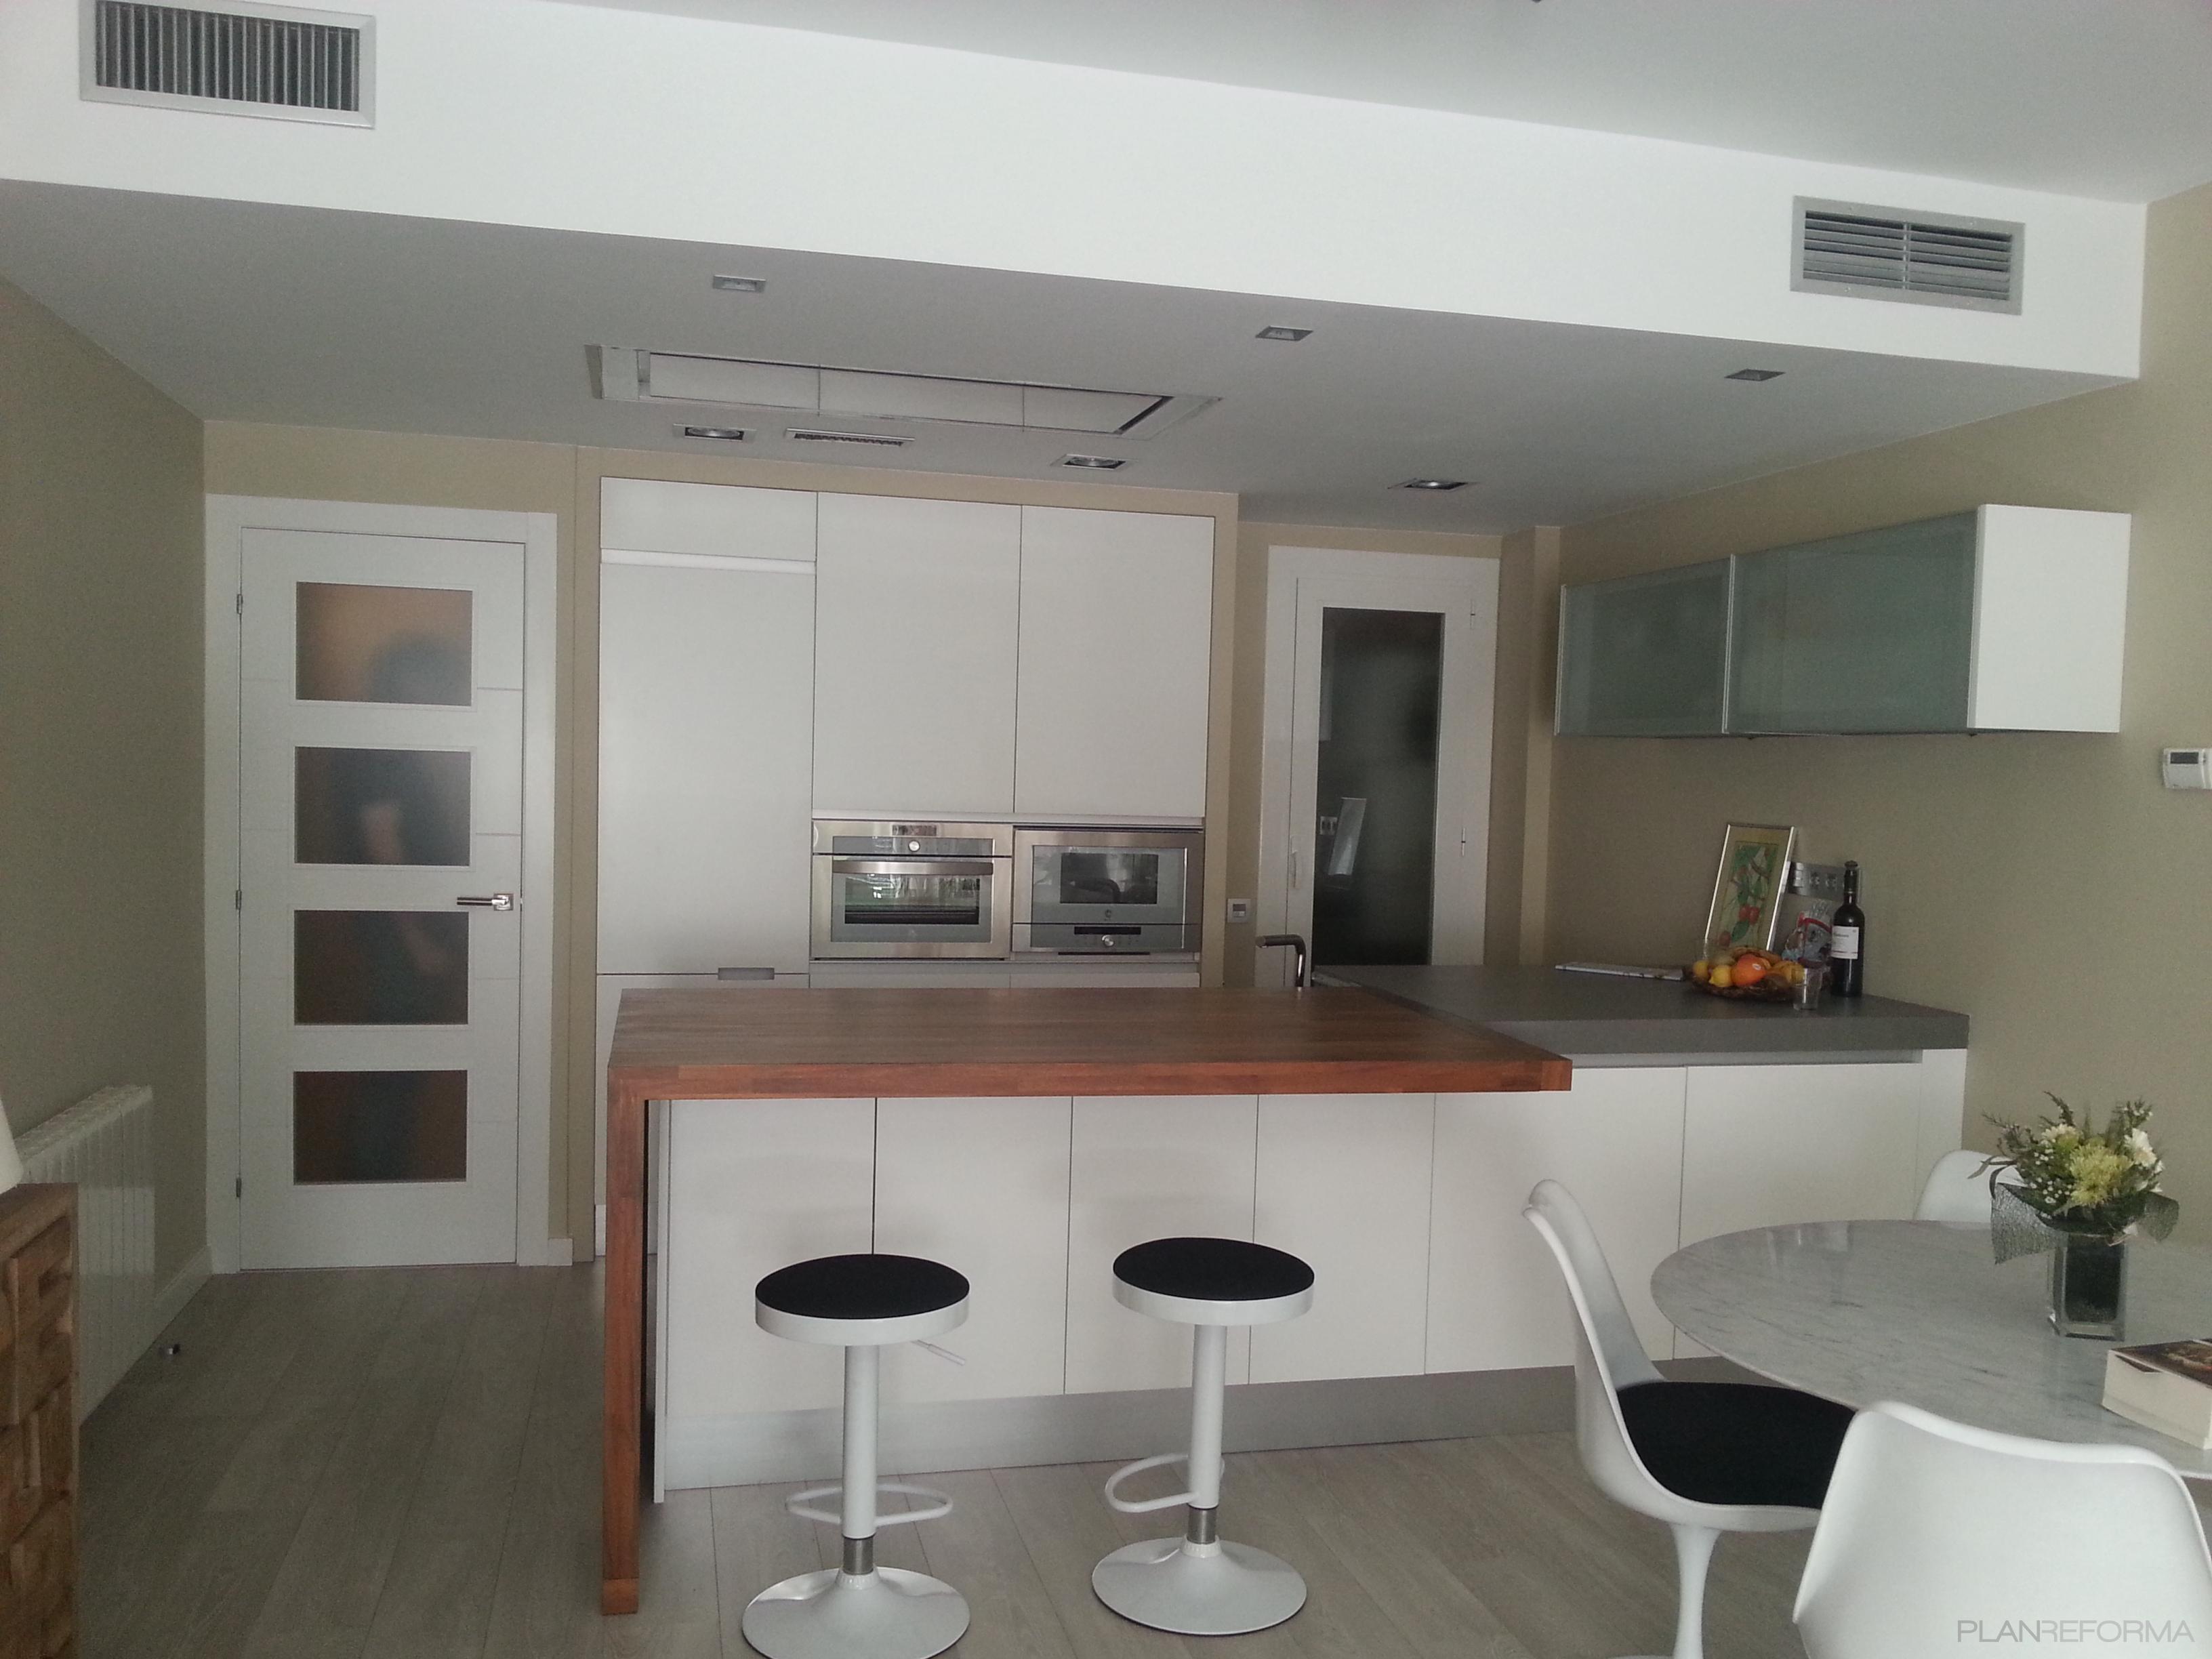 Comedor cocina style moderno color beige marron blanco for Comedor tapizado moderno